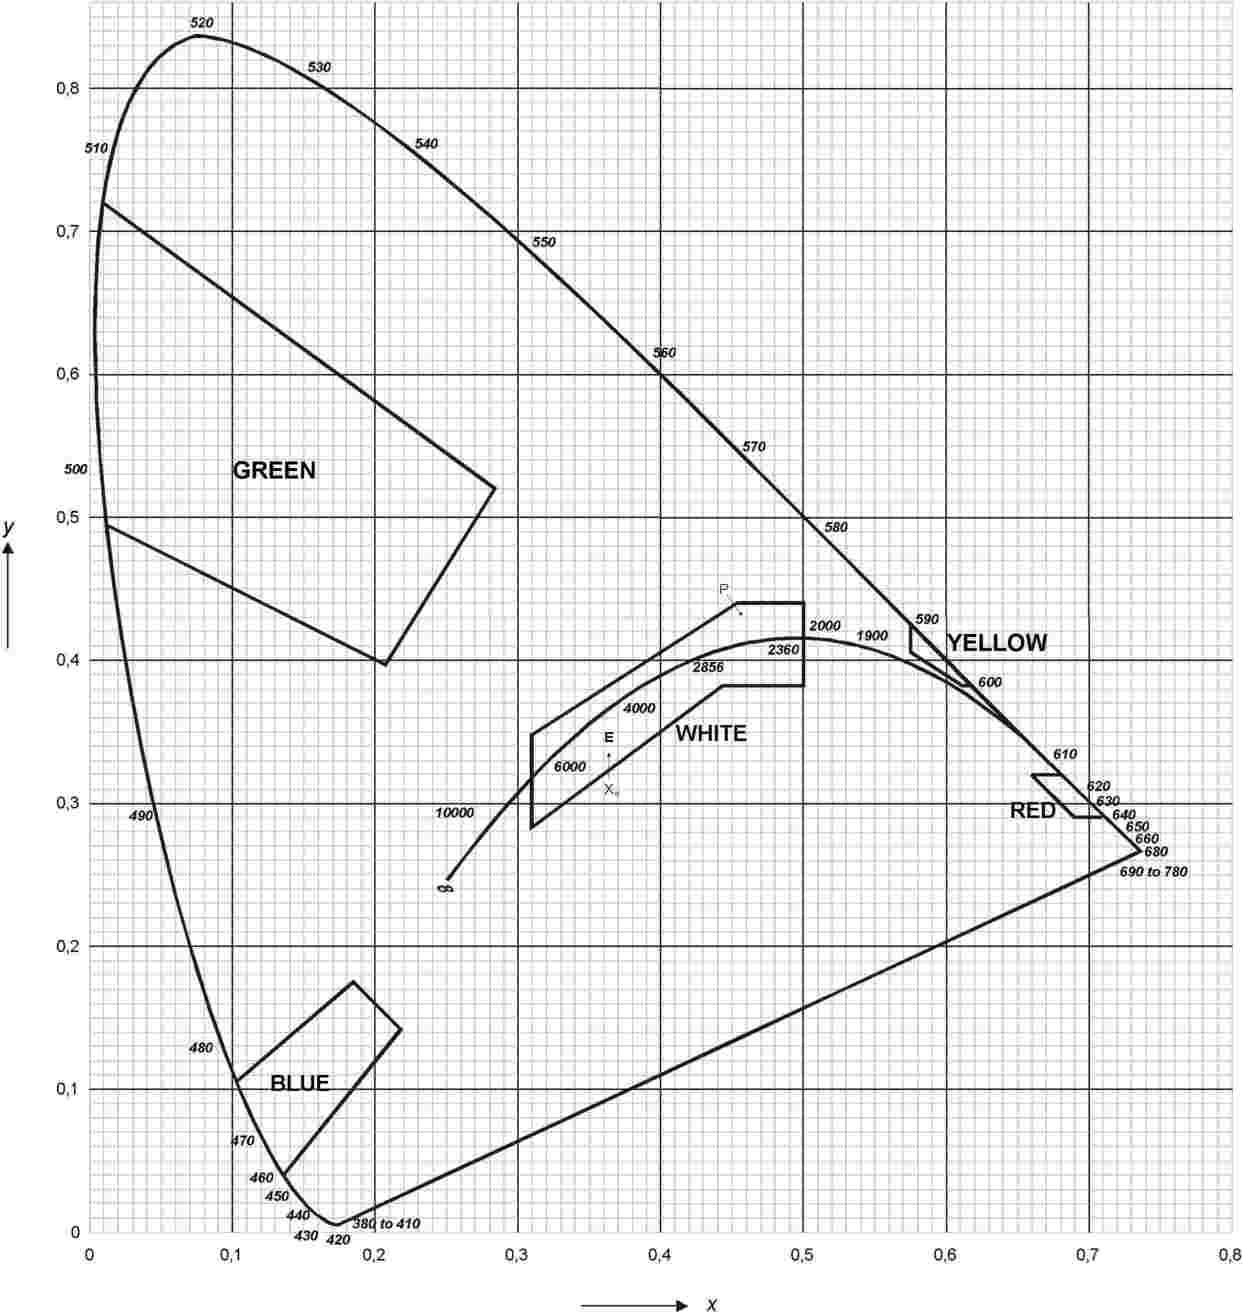 Eur Lex C2006 303e 03 En Rear Drum Brake Diagram 8 10 From 17 Votes 3